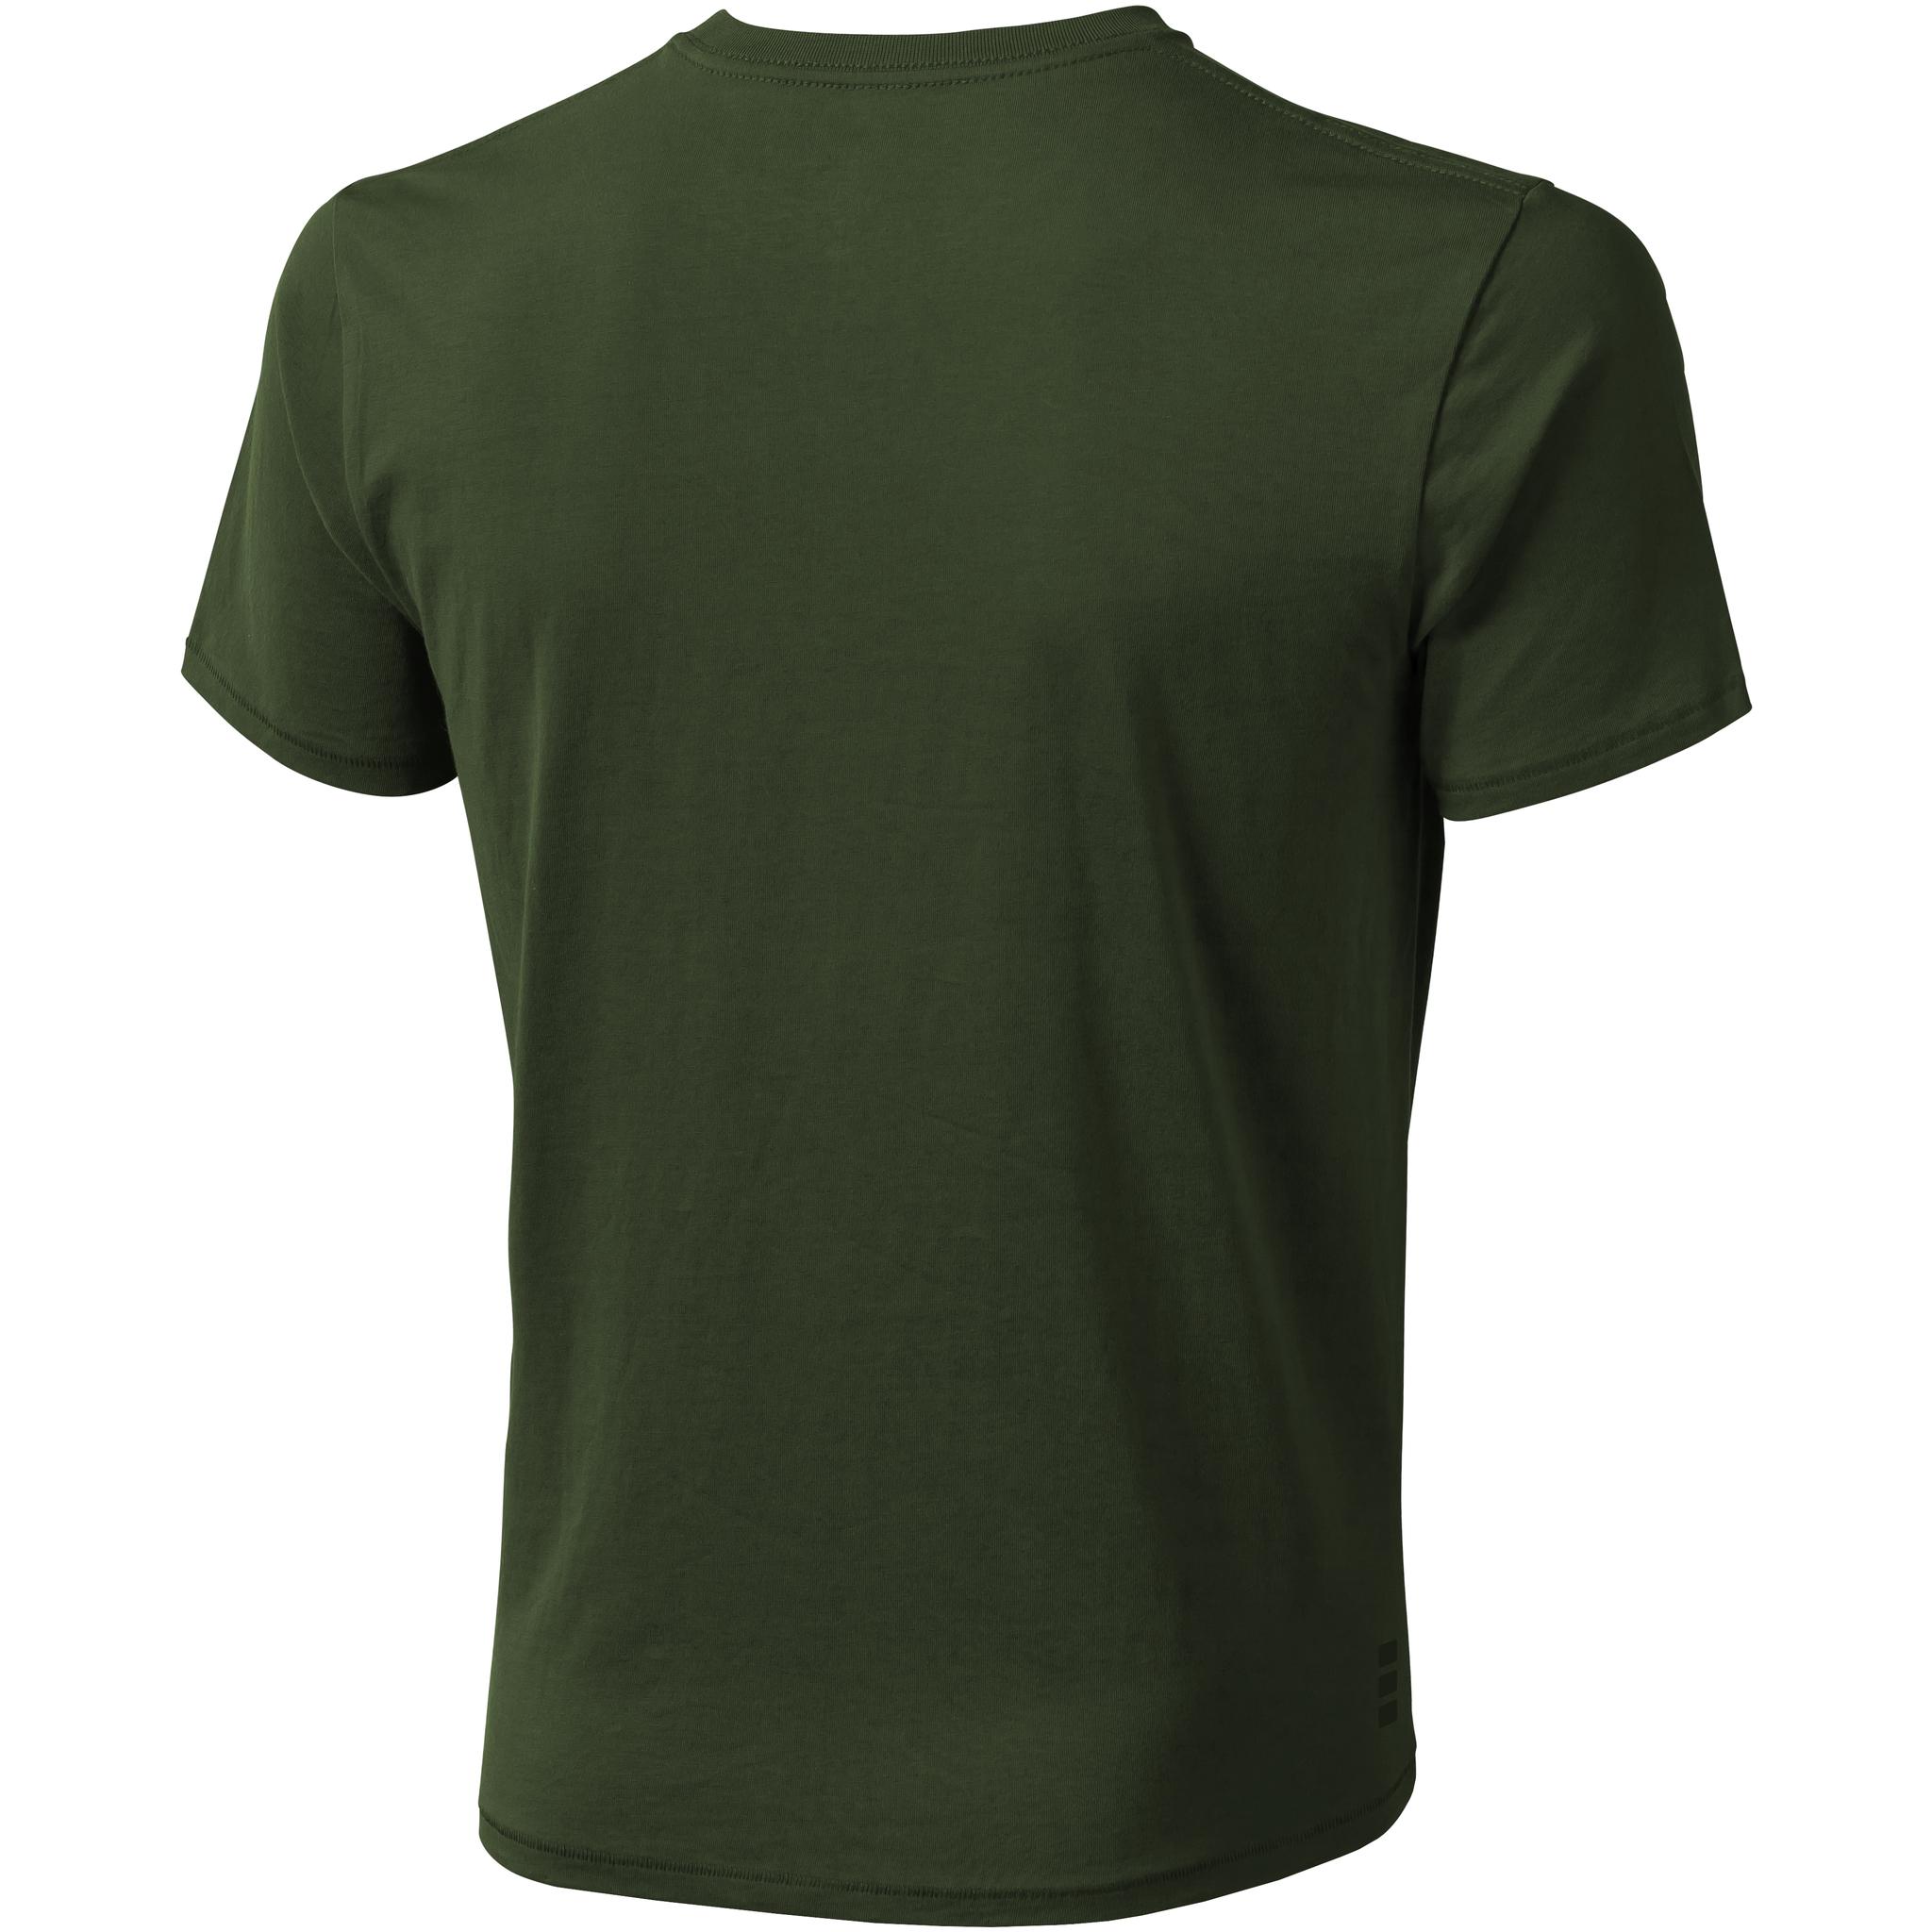 Elevate-Mens-Nanaimo-Short-Sleeve-T-Shirt-PF1807 thumbnail 21